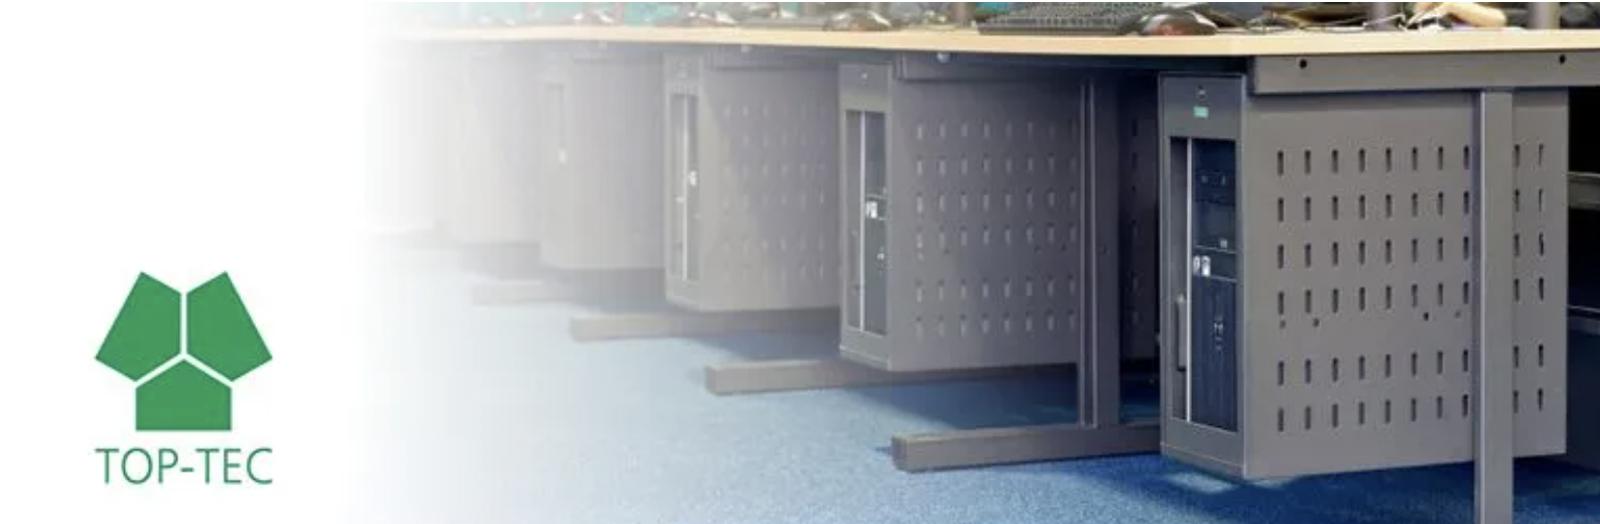 PC Enclosures